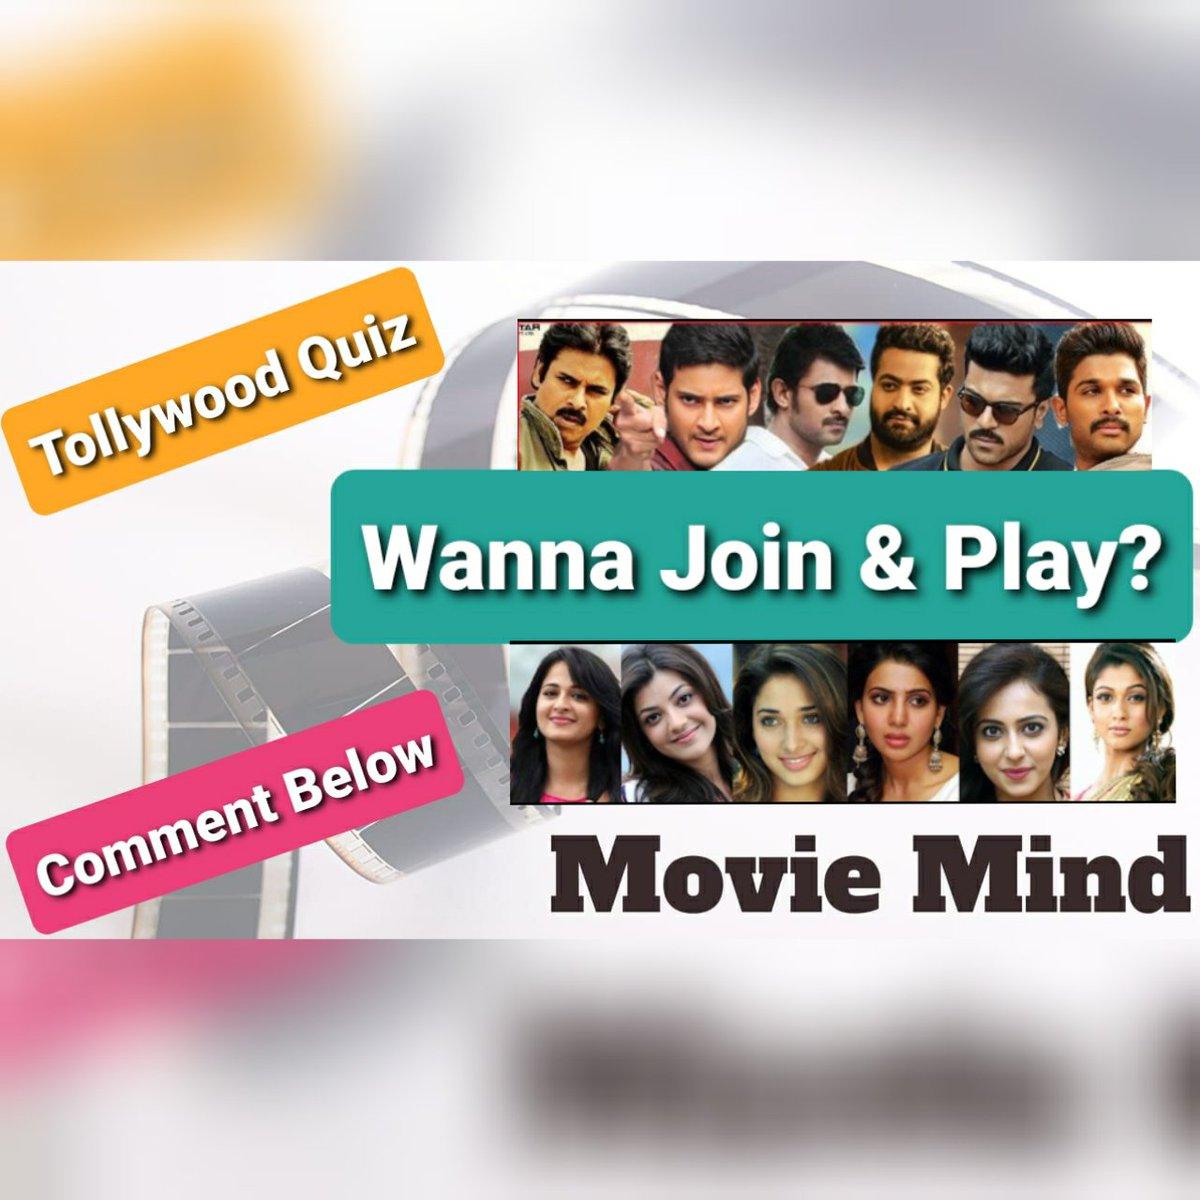 మీరు తెలుగు సినిమాలు ఎక్కువగా చూస్తారా? ఐతే ఇది మీ కోసమే!  మీ ఫ్రెండ్స్ తో  షేర్ చేయండి!  #Tollywood  #tollywoodmovie #Telugu #telugucinema #TeluguFilms #moviemind #Trending #YouTube #Prabhas #RadheShyamFirstLook #RadheShaym #Coronapic.twitter.com/uRoseT3CE6